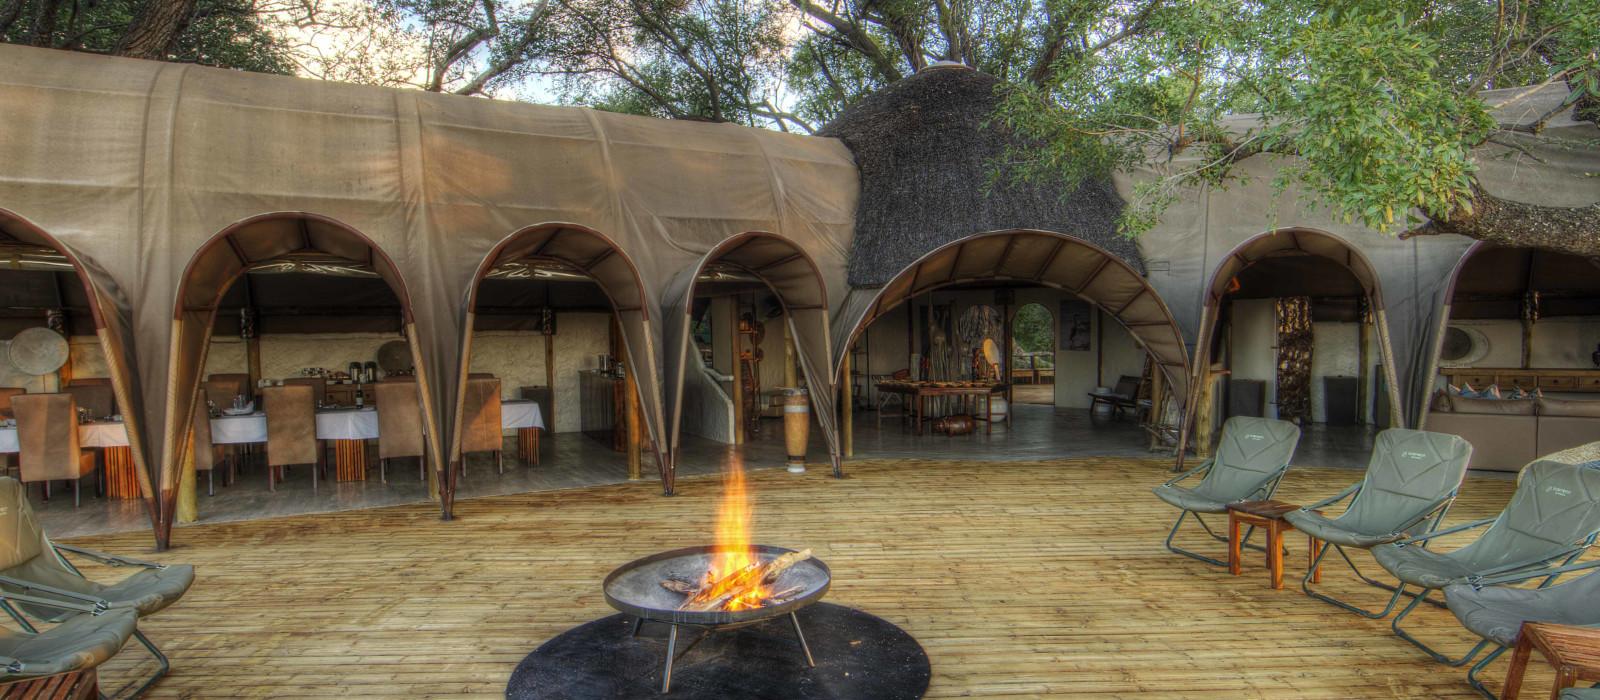 Botswana Safarireise – vom Okavango Delta in die Kalahari-Wüste Urlaub 1